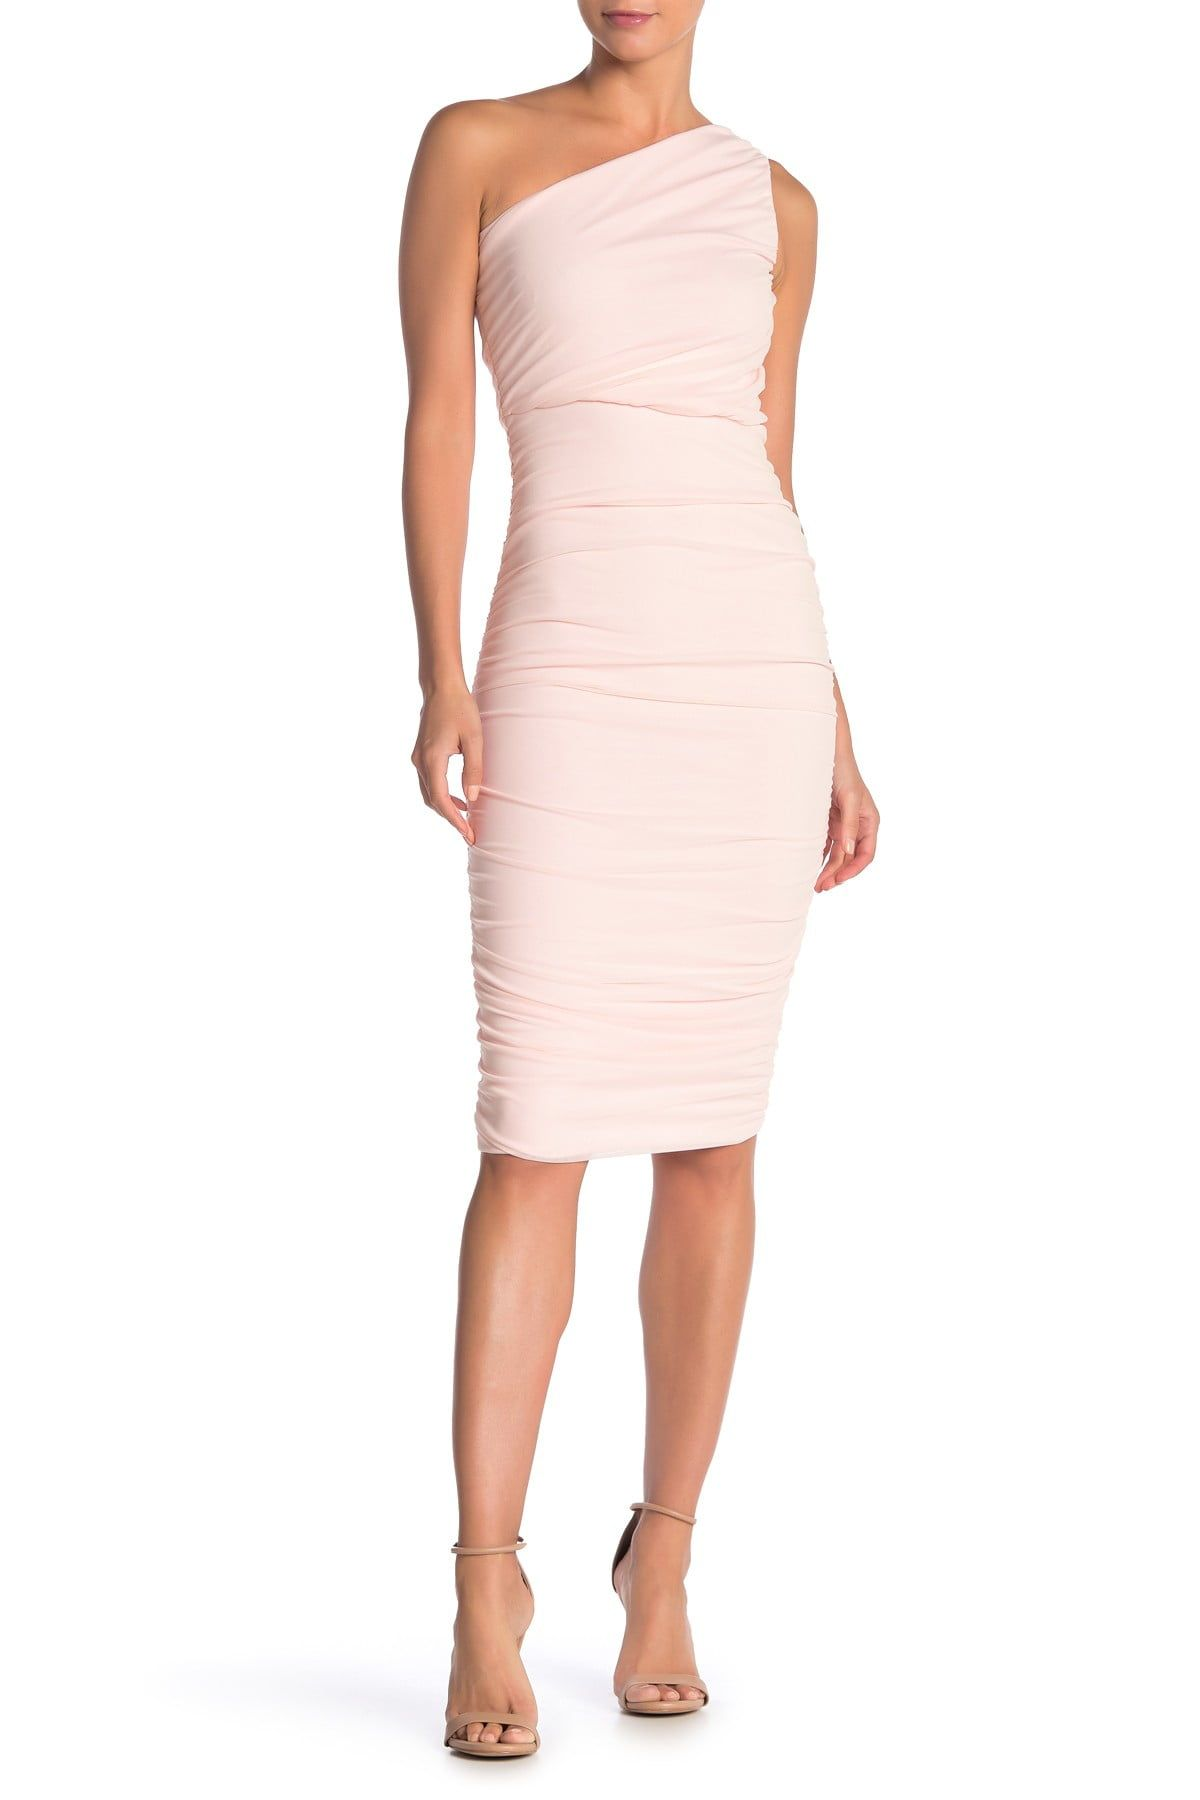 Love By Design Ruched One Shoulder Midi Dress Nordstrom Rack Blush Cocktail Dress One Shoulder Midi Dress Pink Cocktail Dress [ 1800 x 1200 Pixel ]